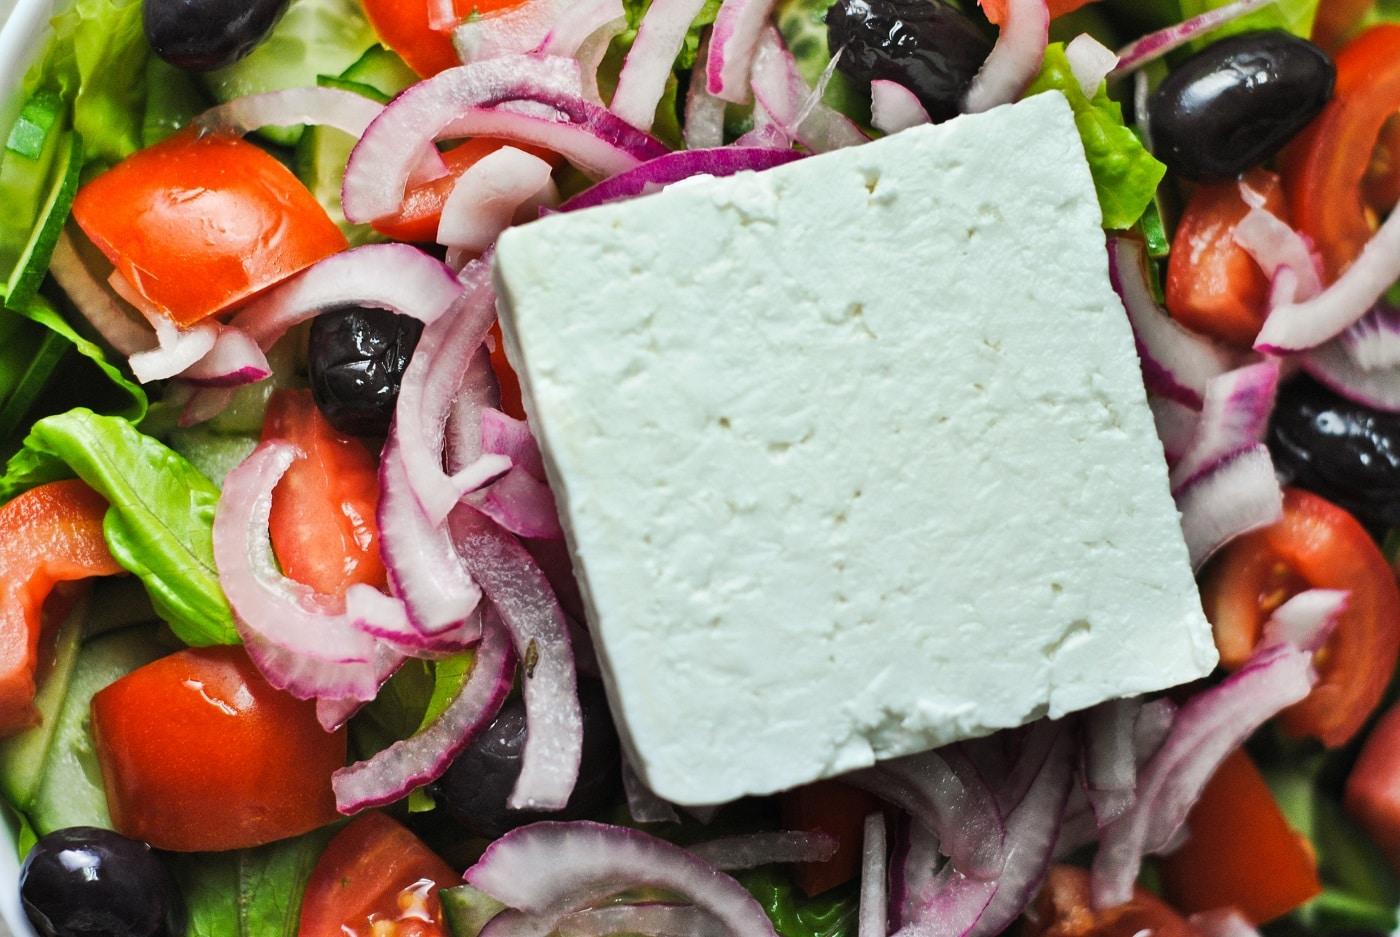 Salatele grecești sunt întordeauna însoțite de brânza Feta